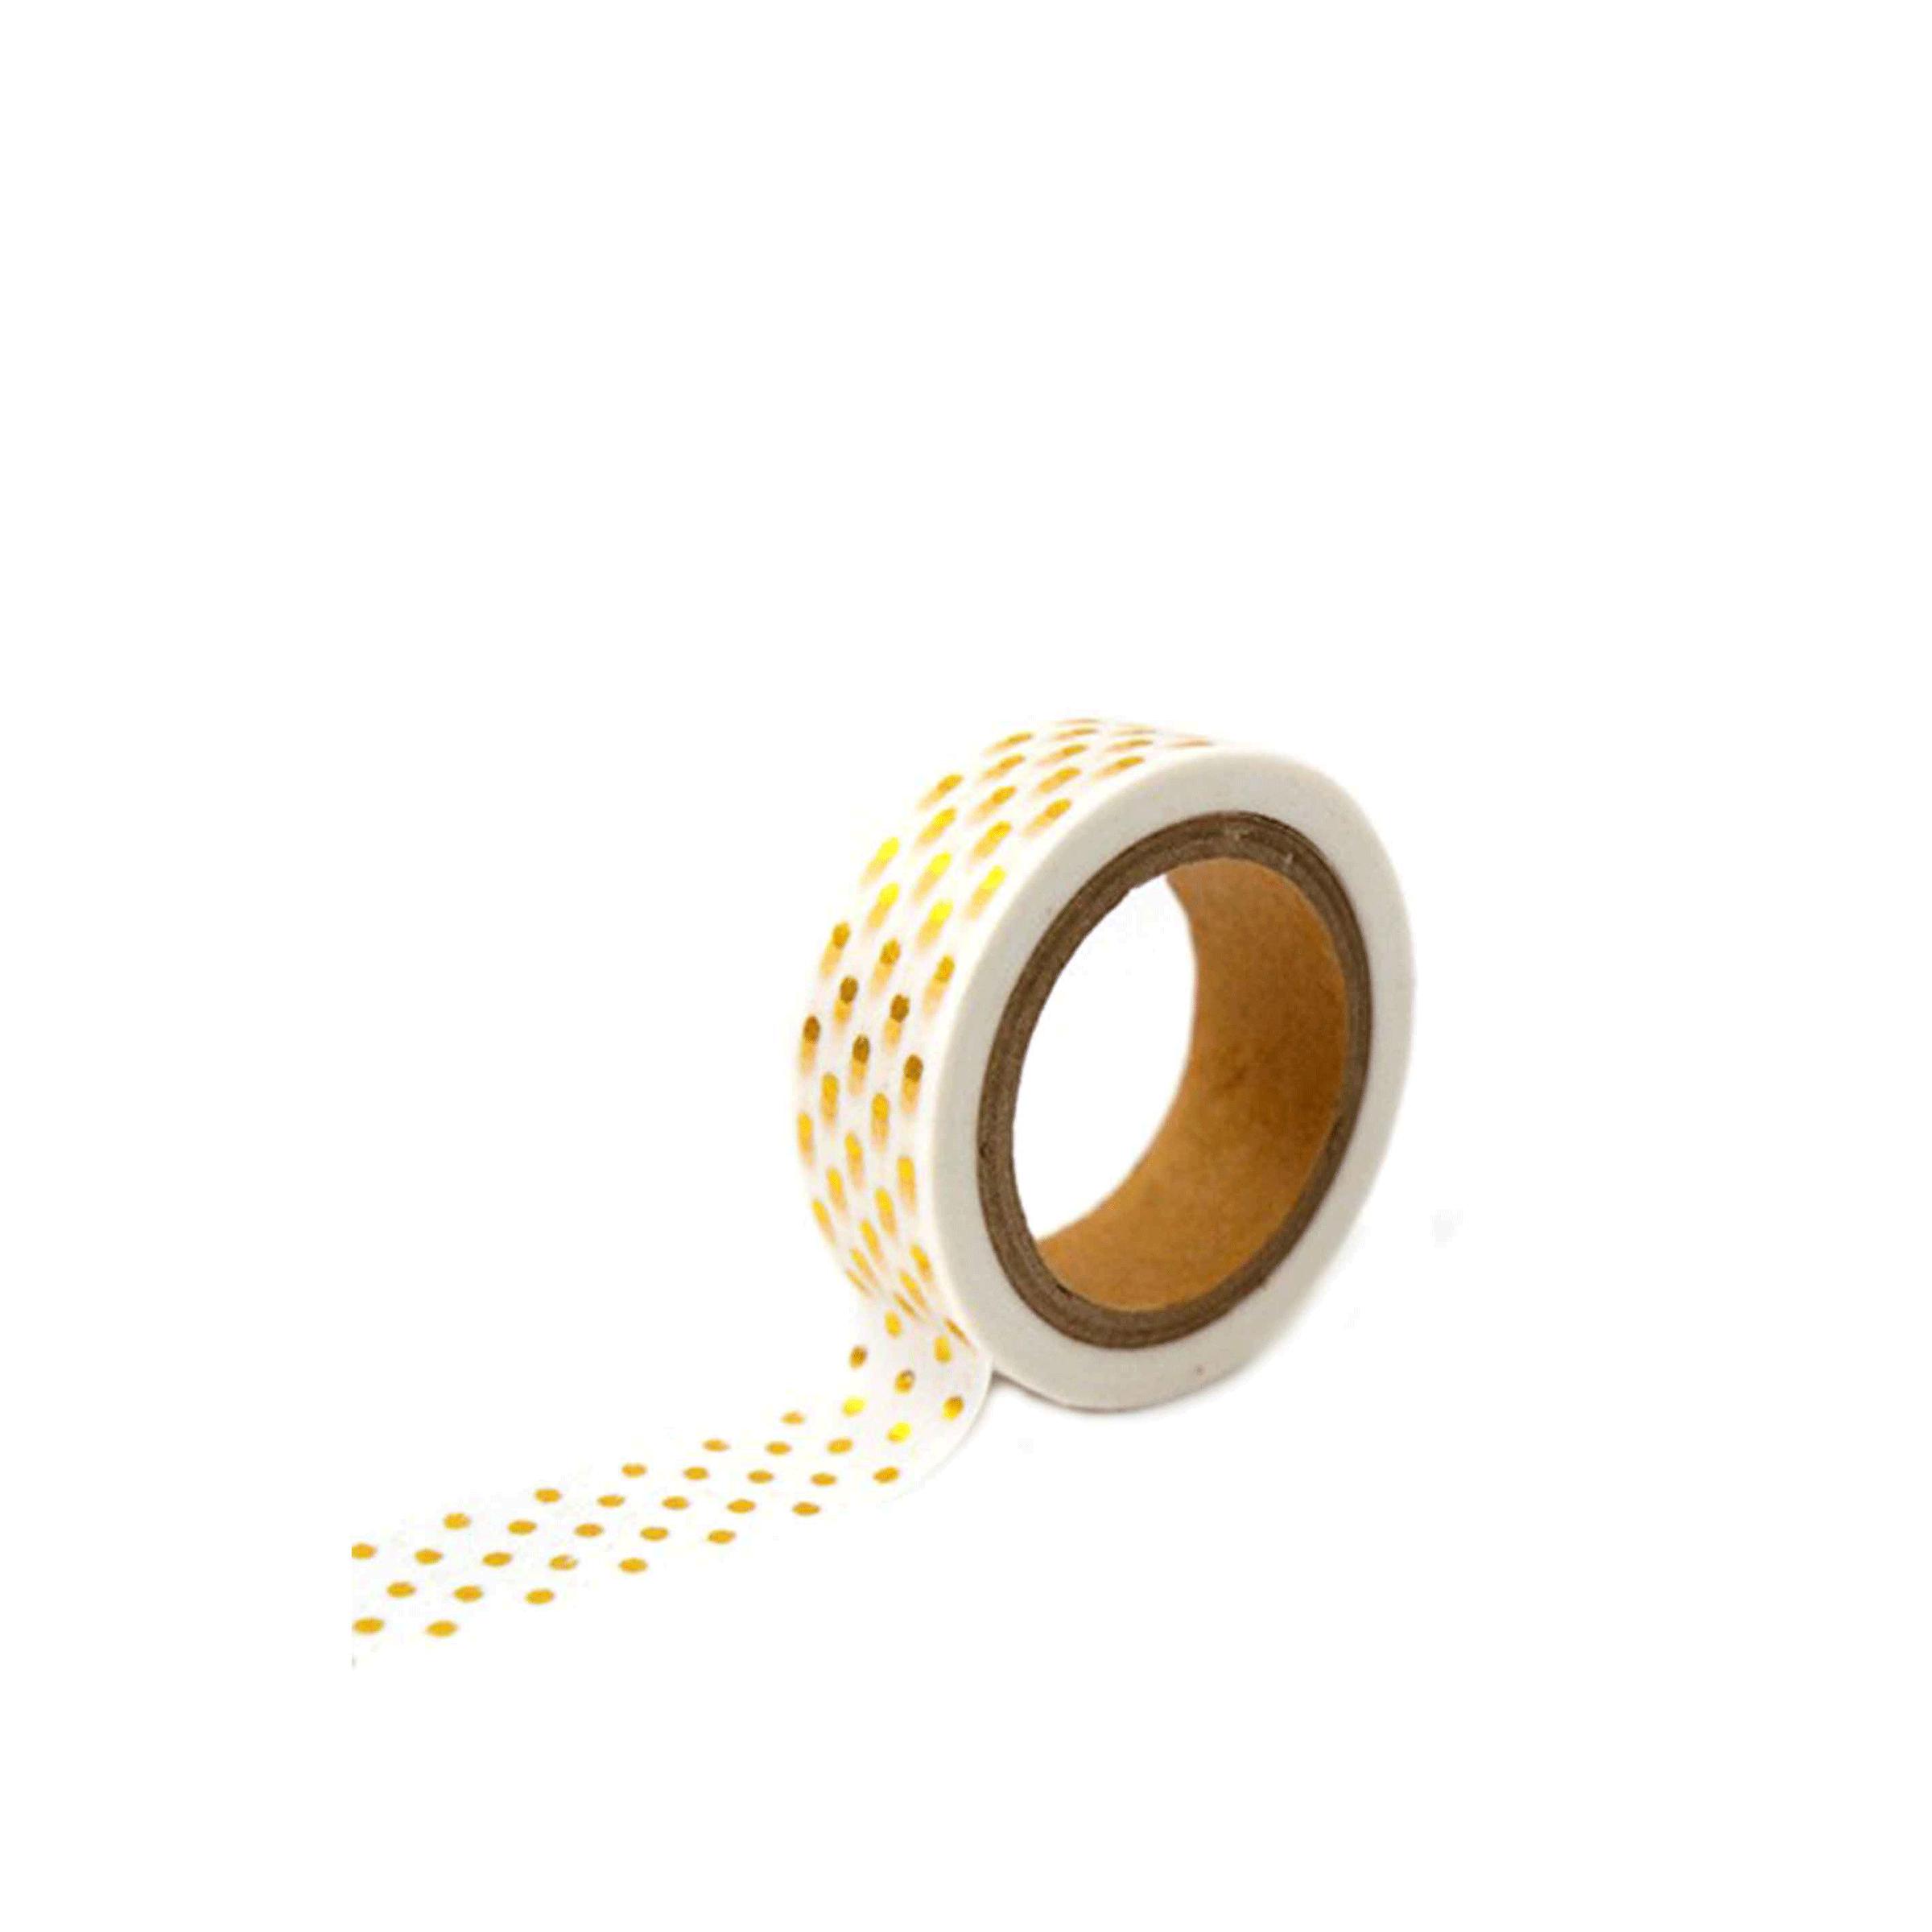 Ruban décoratif à petits pois dorés de 10 mètres